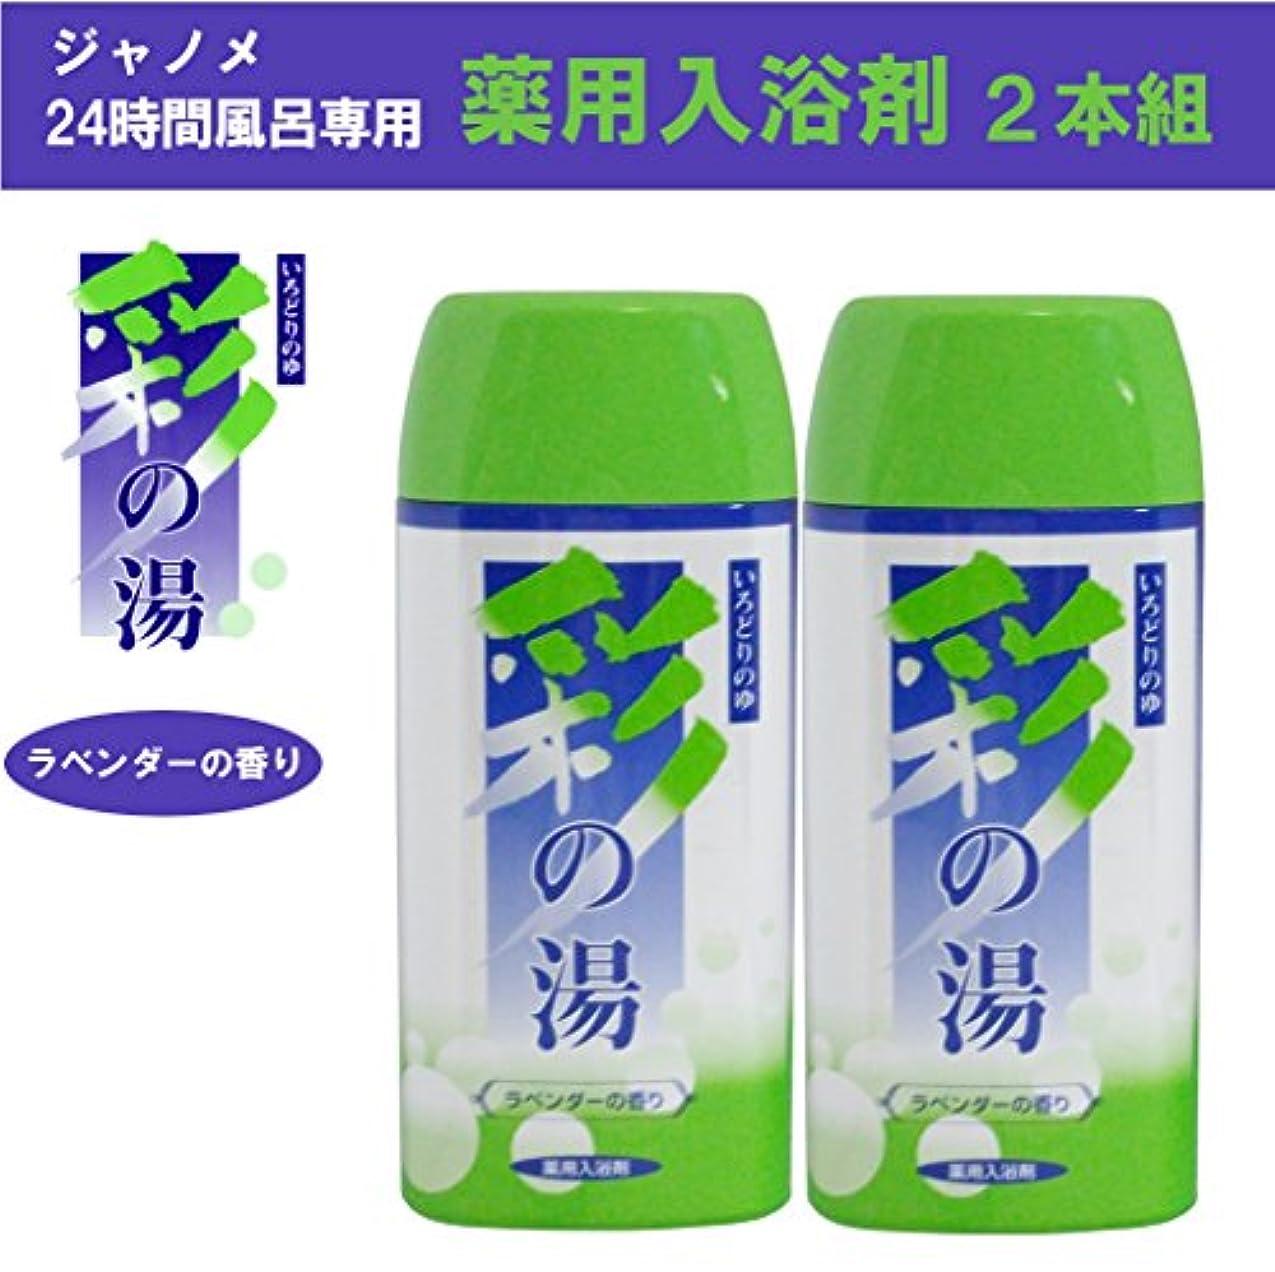 やさしく数学的な適合するジャノメ 彩の湯 2本組 (24時間風呂専用 薬用入浴剤 ラベンダーの香り )